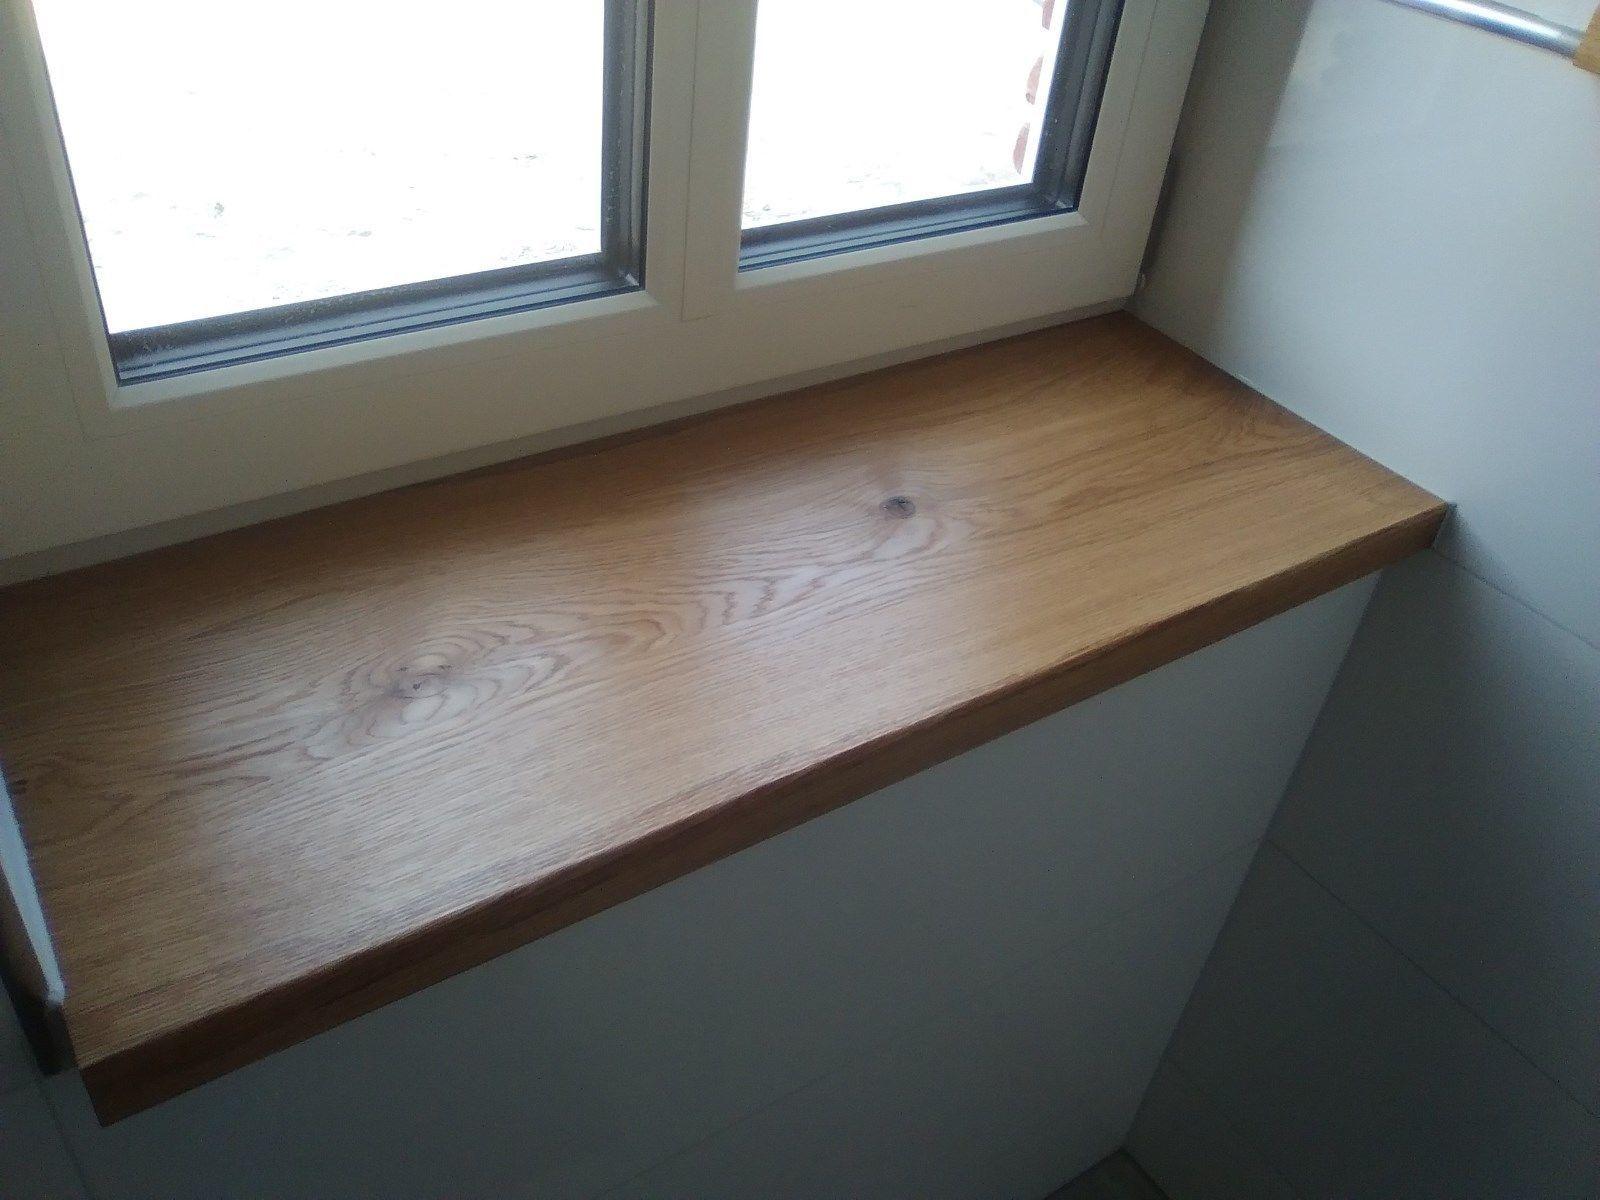 Fensterbank Massiv Eiche Eur 53 00 Picclick De Fensterbanke Holz Fensterbretter Kuchen Fensterbank